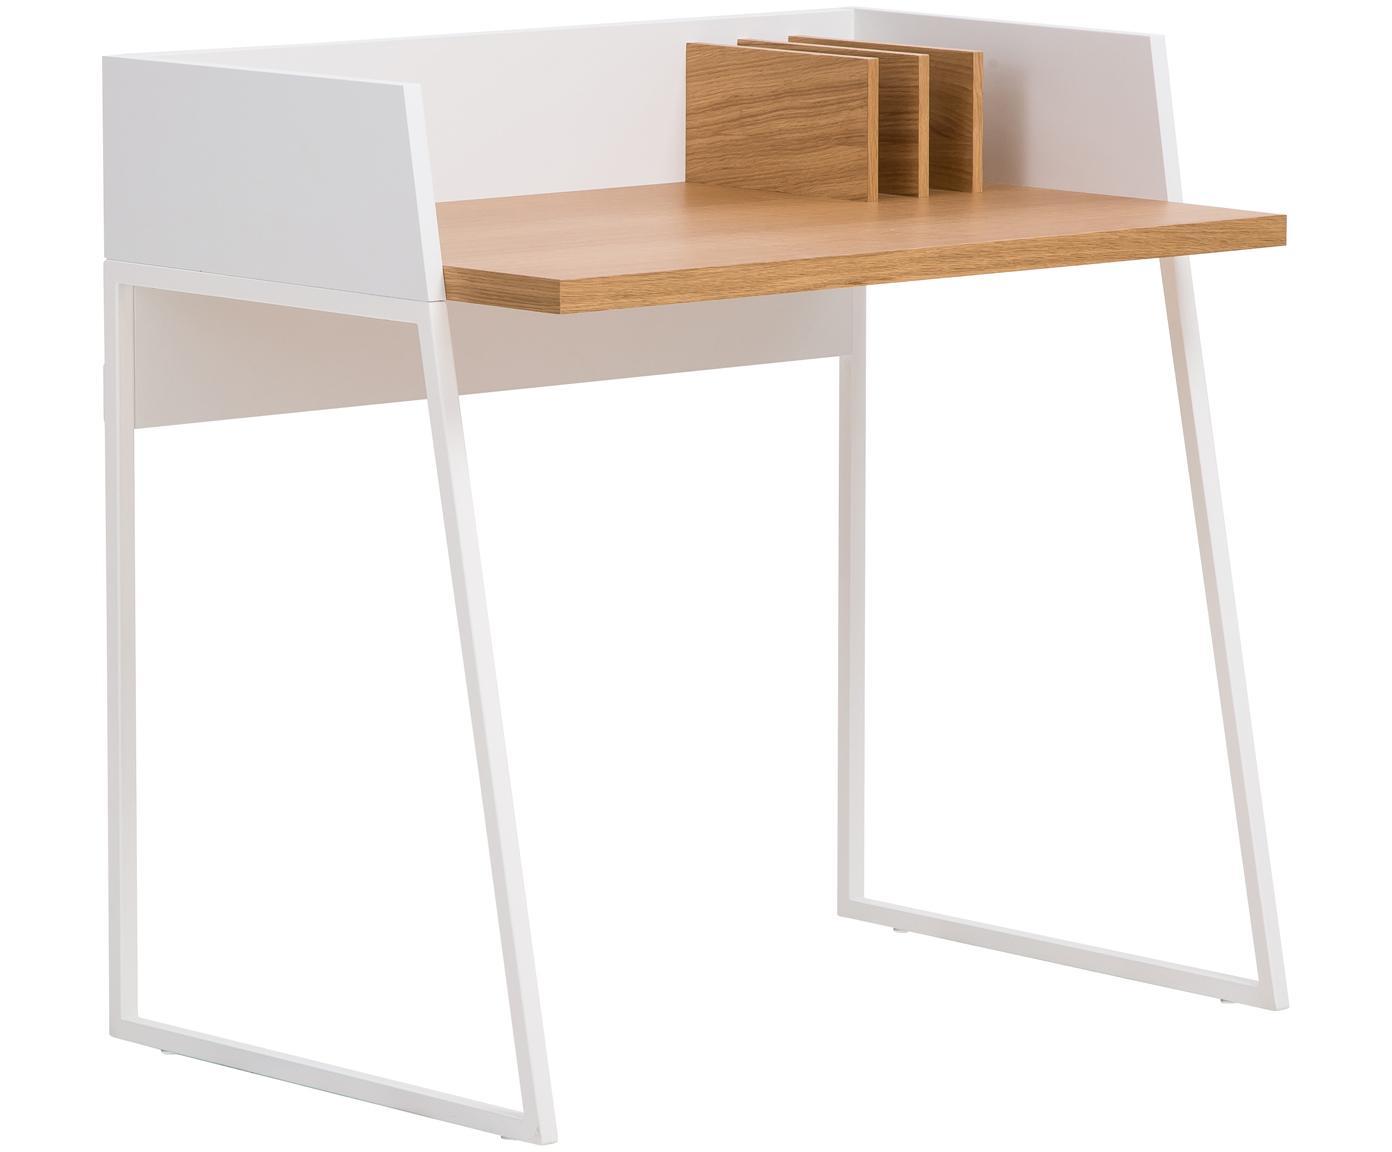 Bureau Camille uit hout in wit, Poten: gelakt metaal, Eikenhoutkleurig, wit, B 90 x D 60 cm